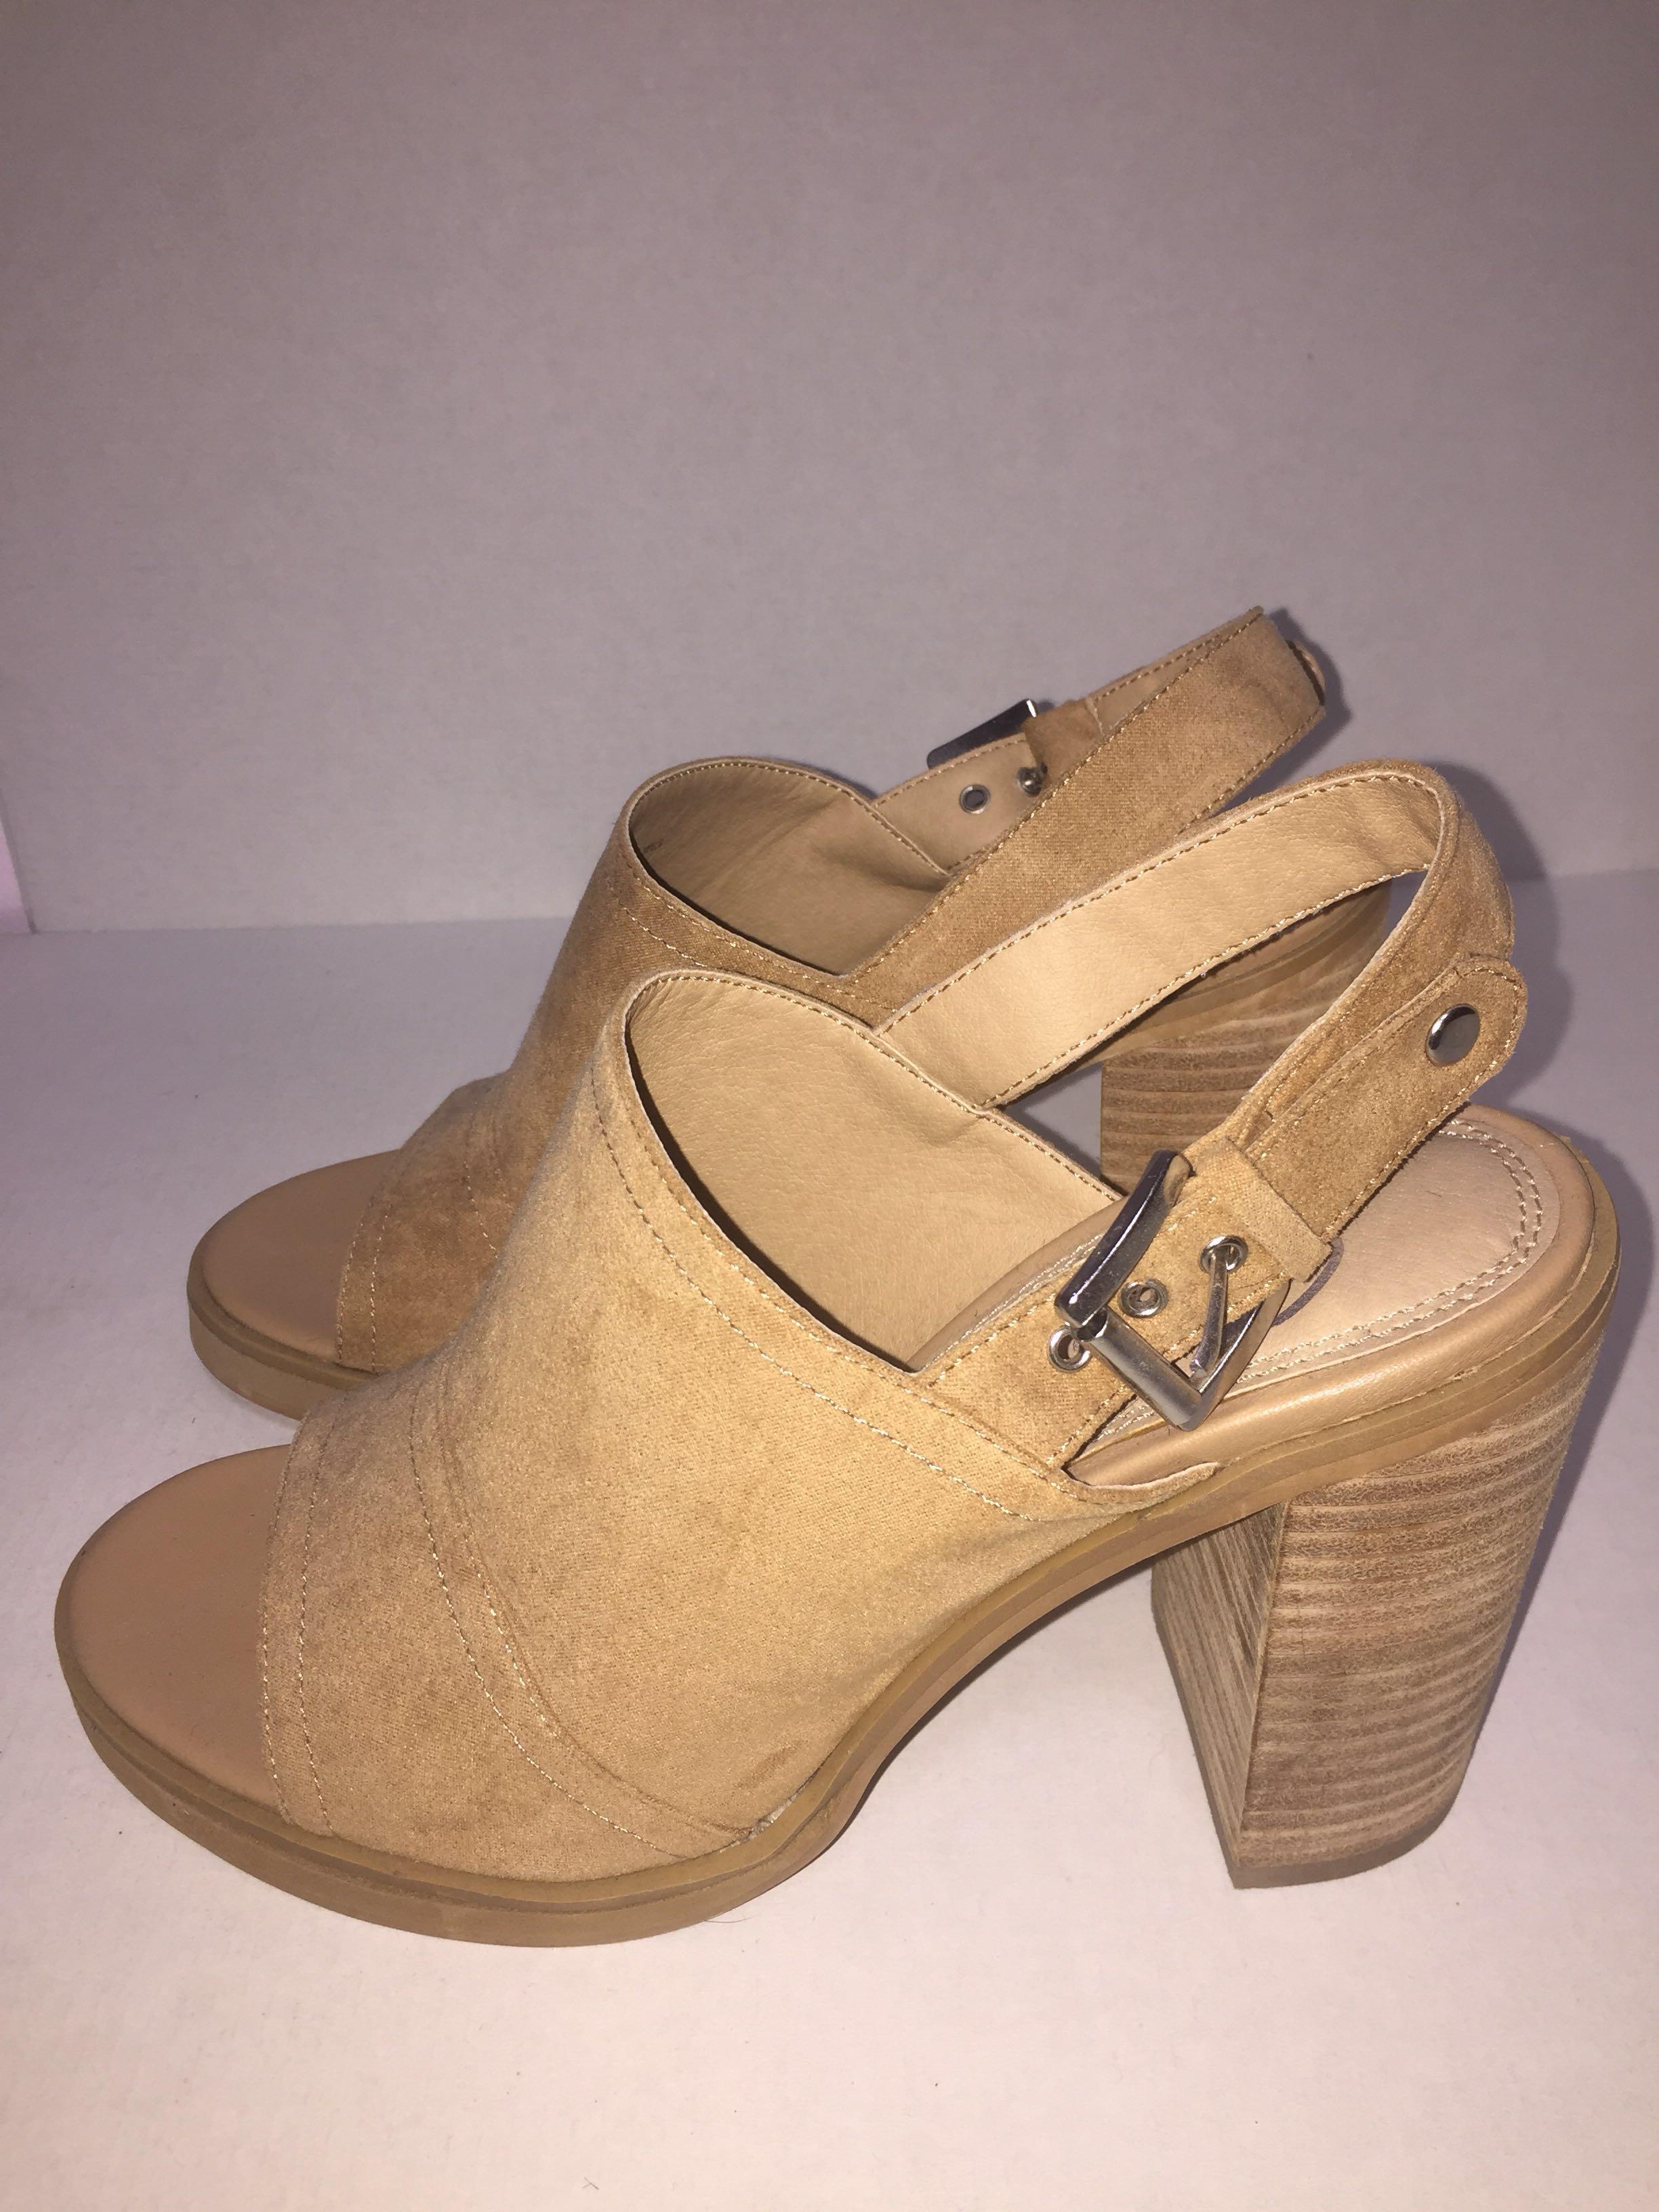 SPURR Block Heels